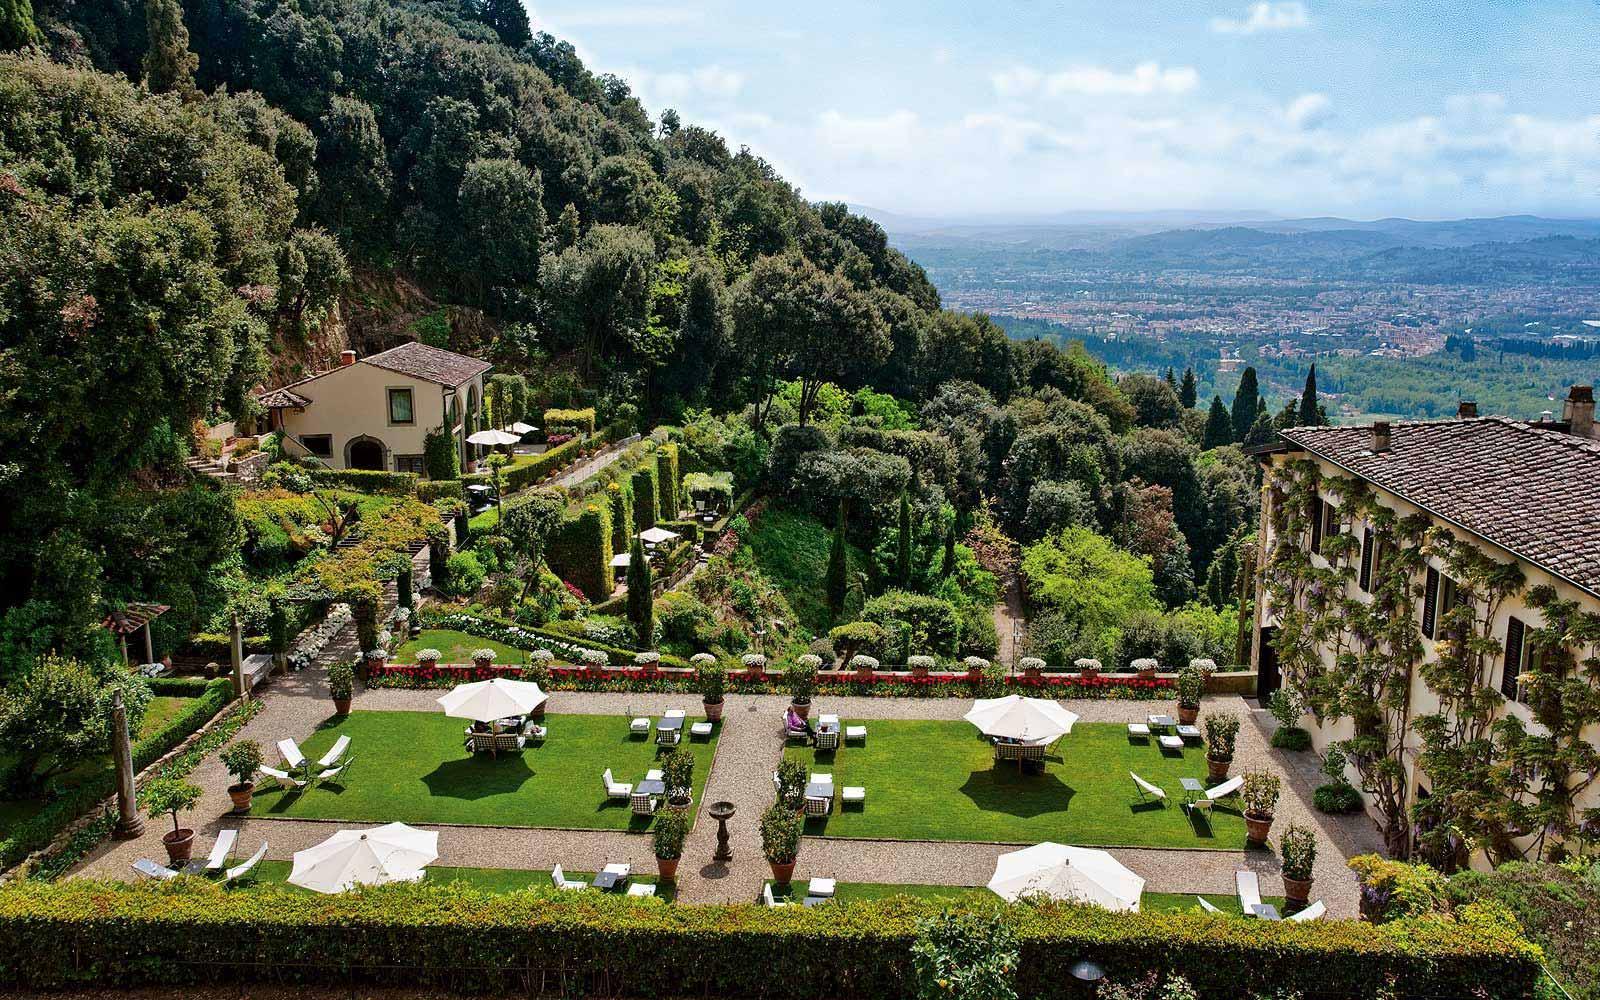 Gardens at Belmond Villa San Michele